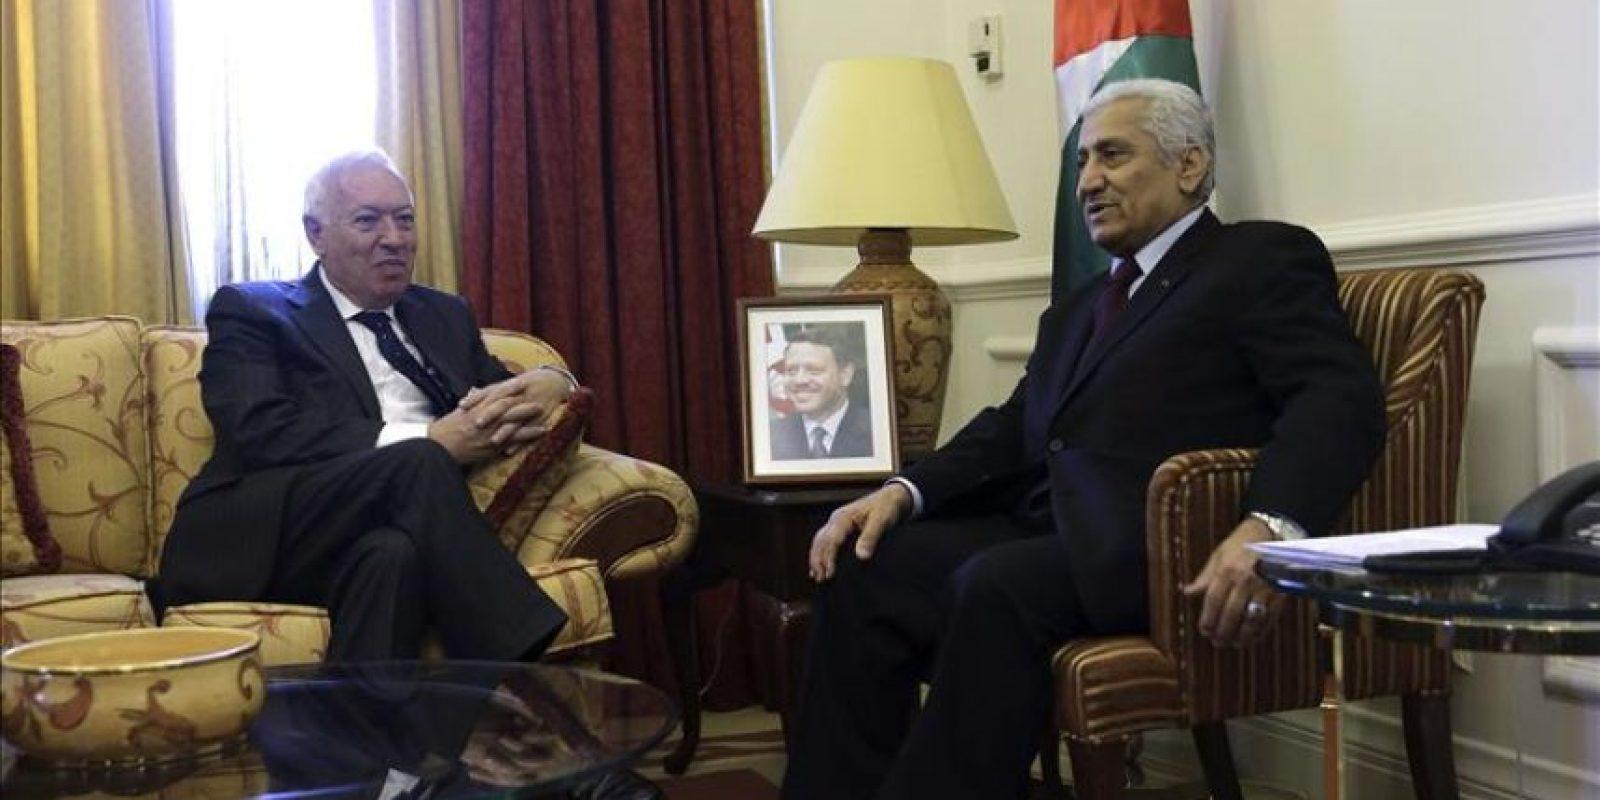 El ministro español de Asuntos Exteriores, José Manuel García-Margallo (i), conversa con el primer ministro y titular de Defensa jordano, Abdullah Ensour (d), durante una reunión que han mantenido hoy en Ammán. EFE